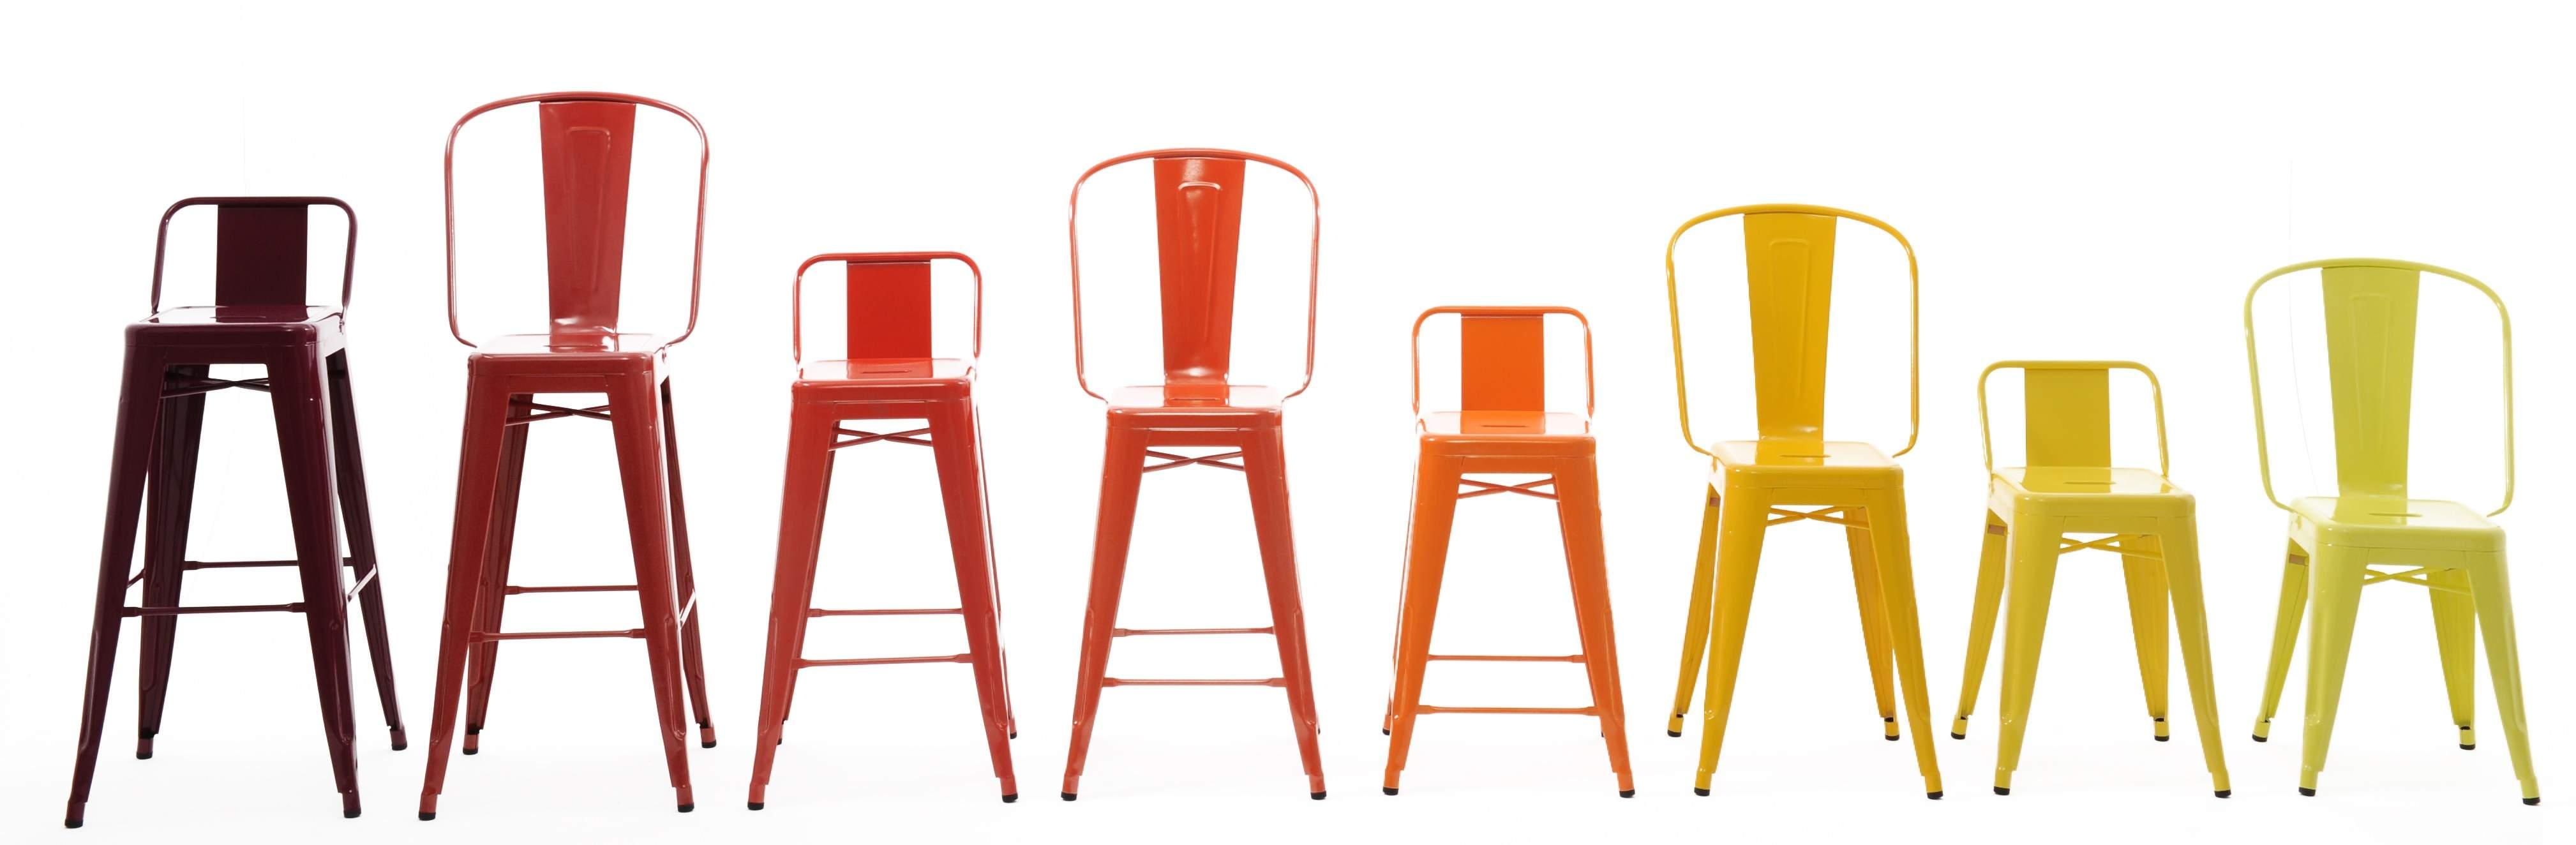 la chaise tolix pour un style industriel et vintage. Black Bedroom Furniture Sets. Home Design Ideas